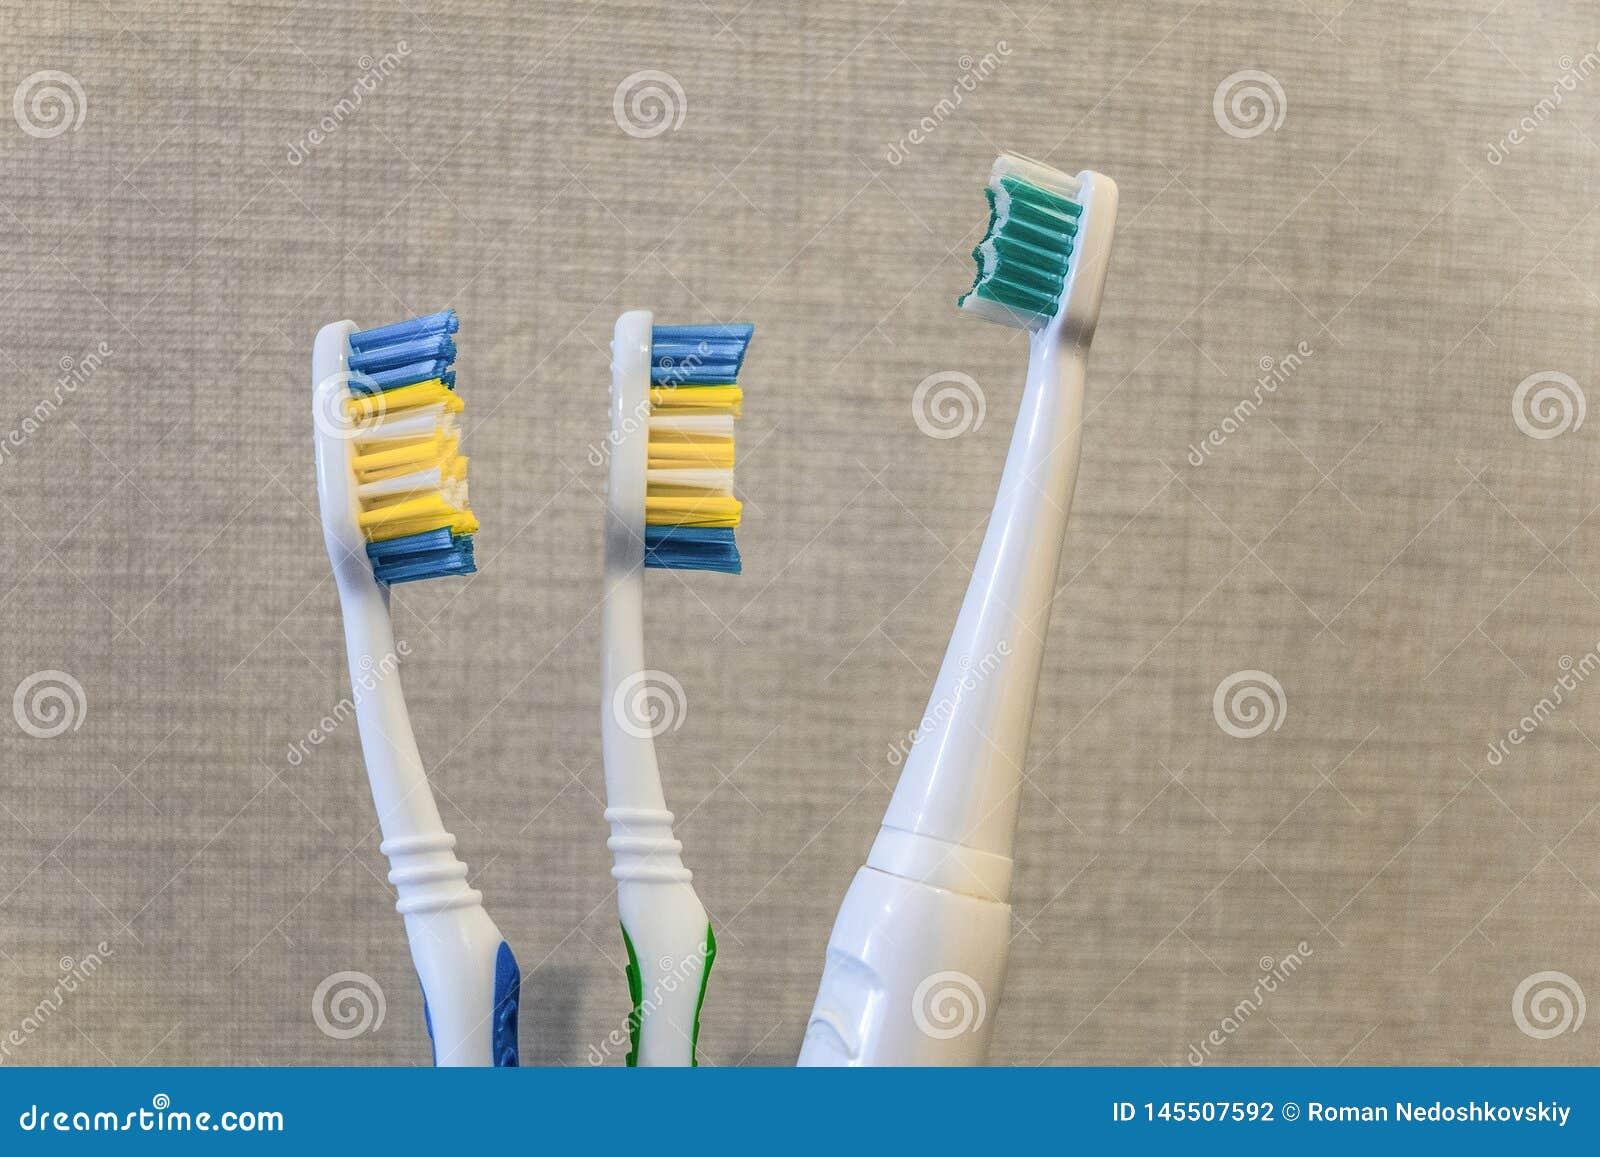 Close-up de tr?s escovas de dentes Cuidados dent?rios da fam?lia